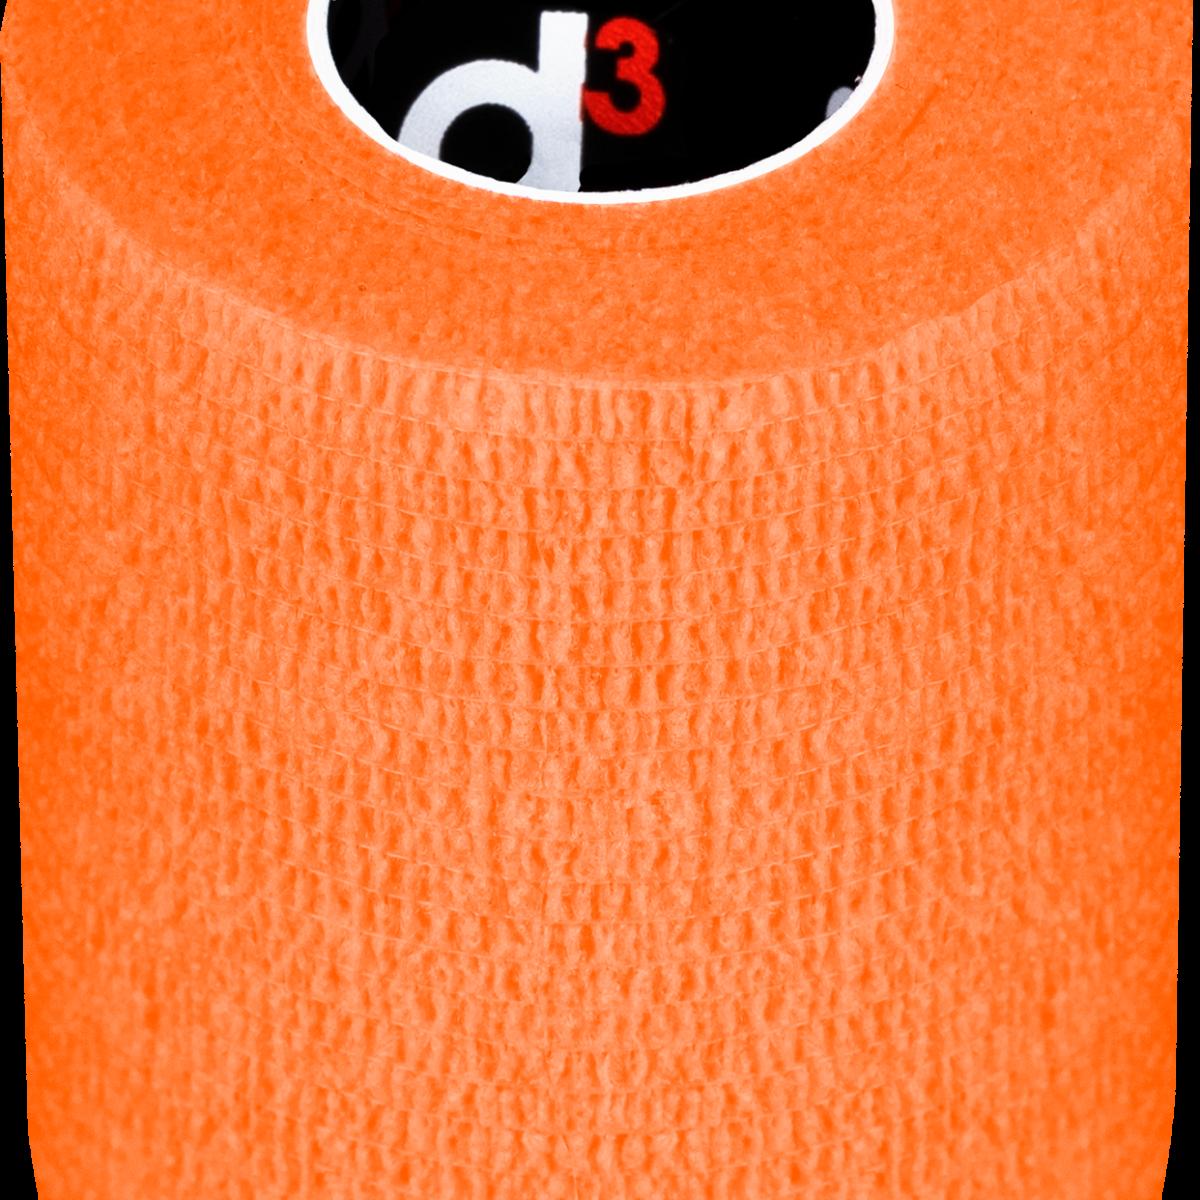 D3 Cohesive Bandage compression Wrap 5.0m x 75mm